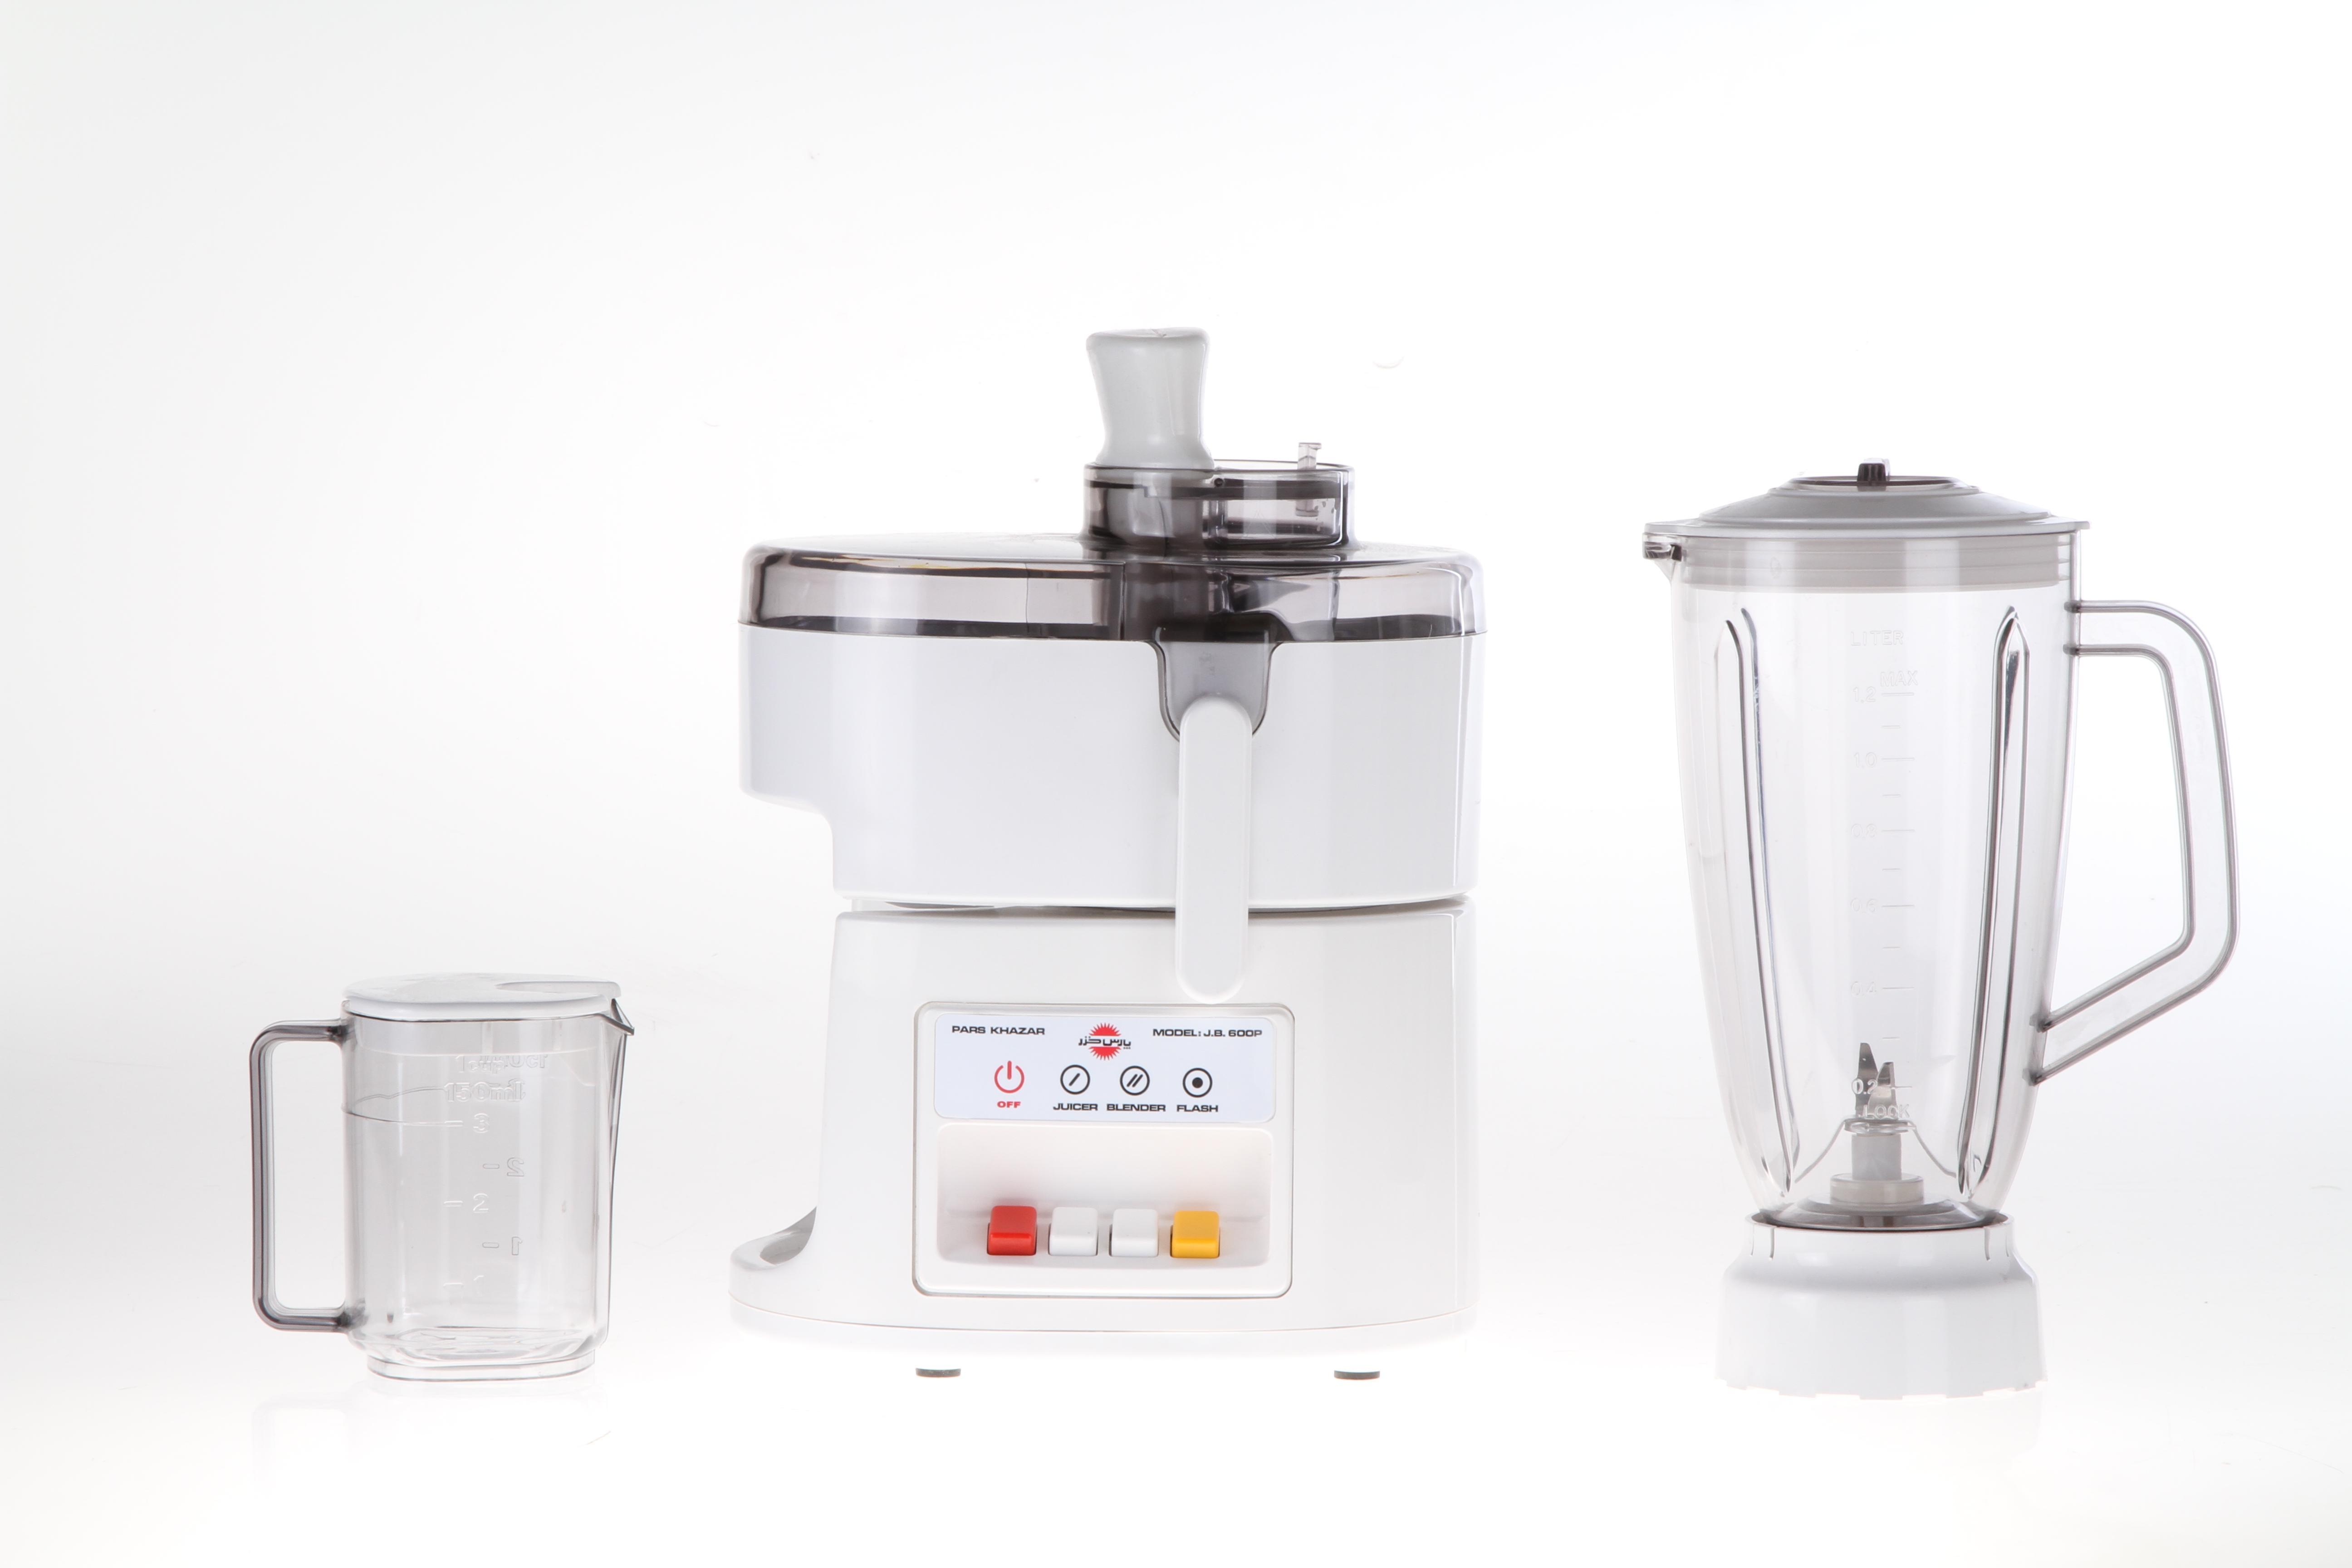 کوپلینگ پارچ (کوپلر)، آب میوه گیری، مخلوط کن، آسیاب پارس خزر مدل های  JBG-600P, JBG-610P